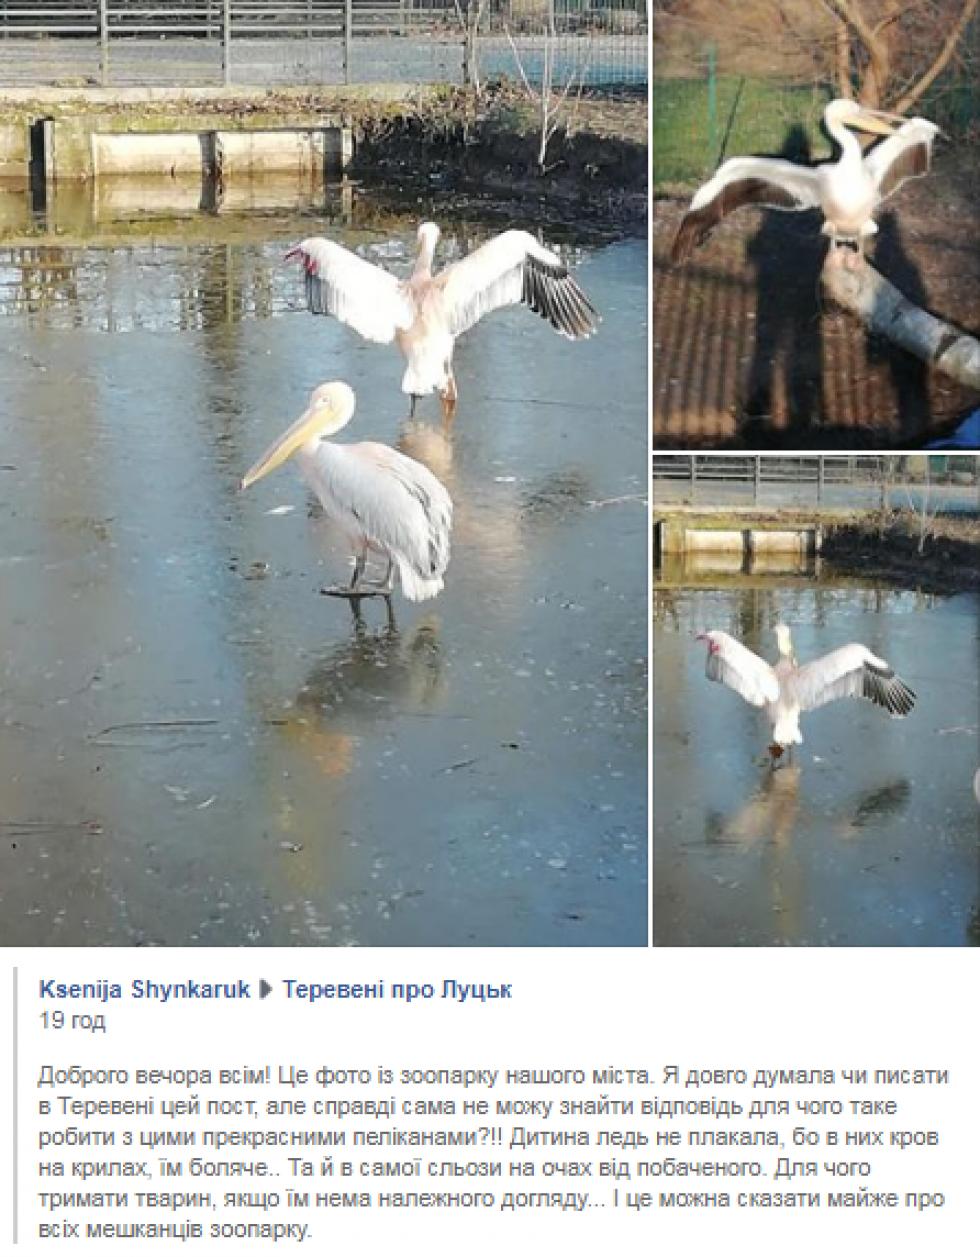 Інформація, яку поширила Ksenija Shynkaruk про Луцький зоопарк